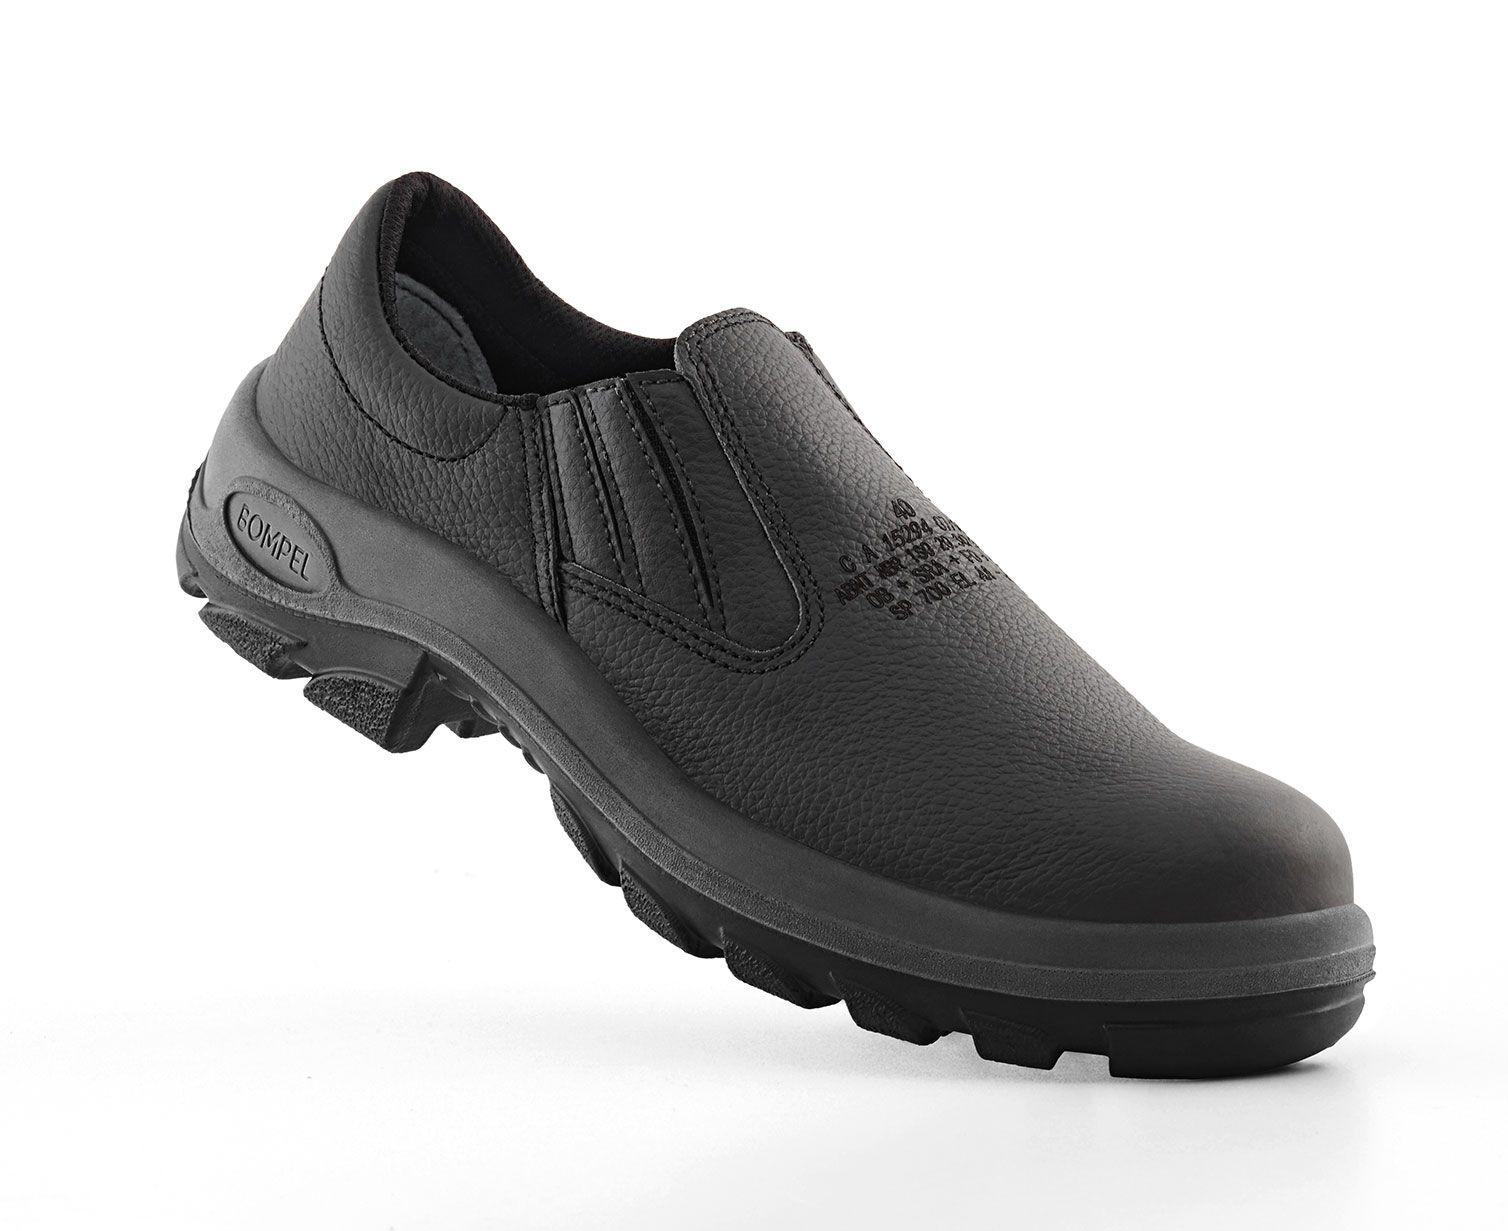 9005-AE INFI/ Sapato/ Elástico/ Sem bico de aço